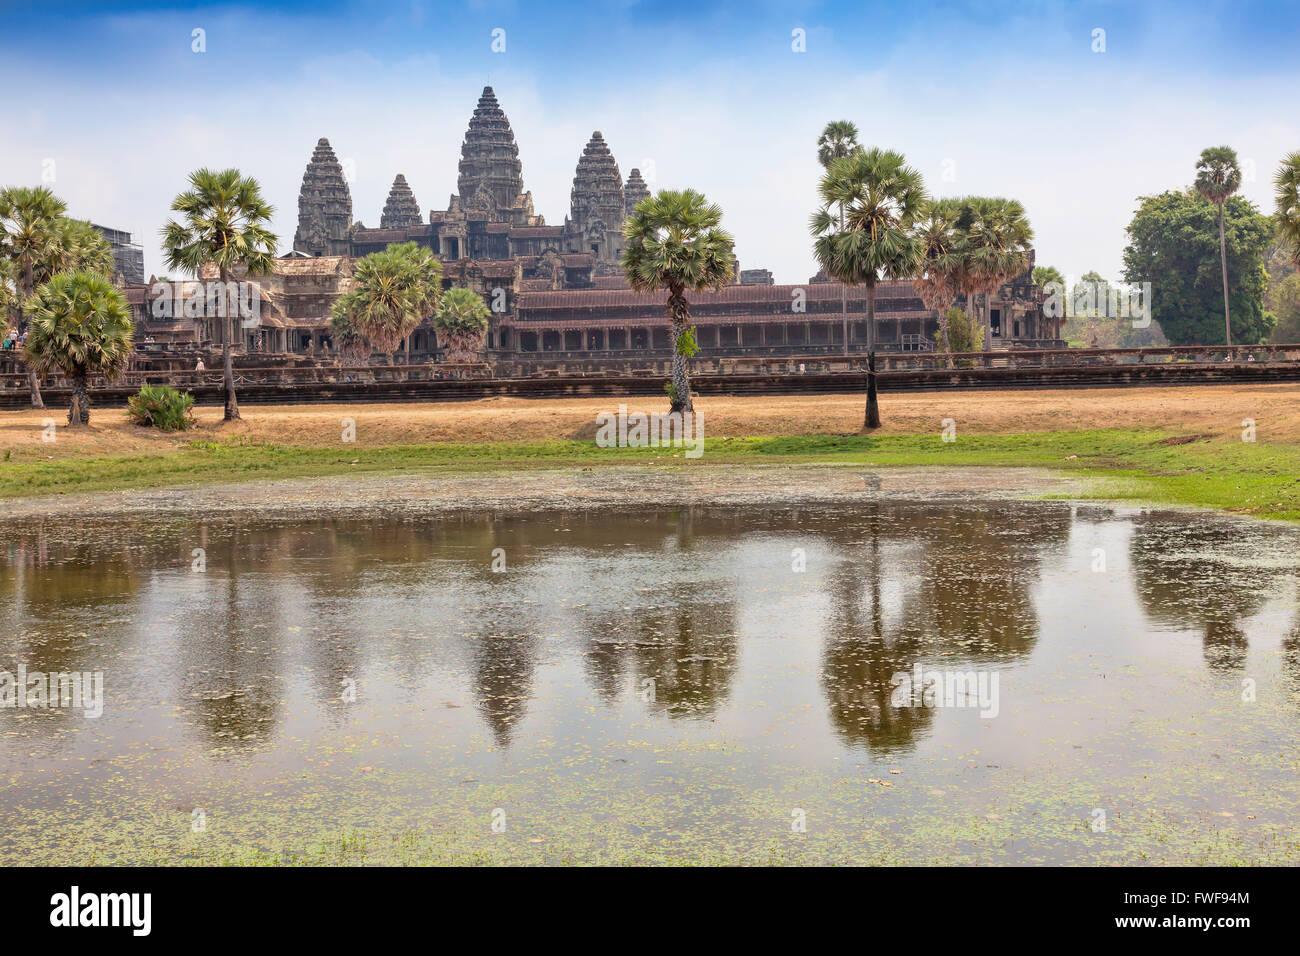 Les gens à l'entrée de temple d'Angkor Wat au Cambodge Site du patrimoine mondial de l'UNESCO, Photo Stock